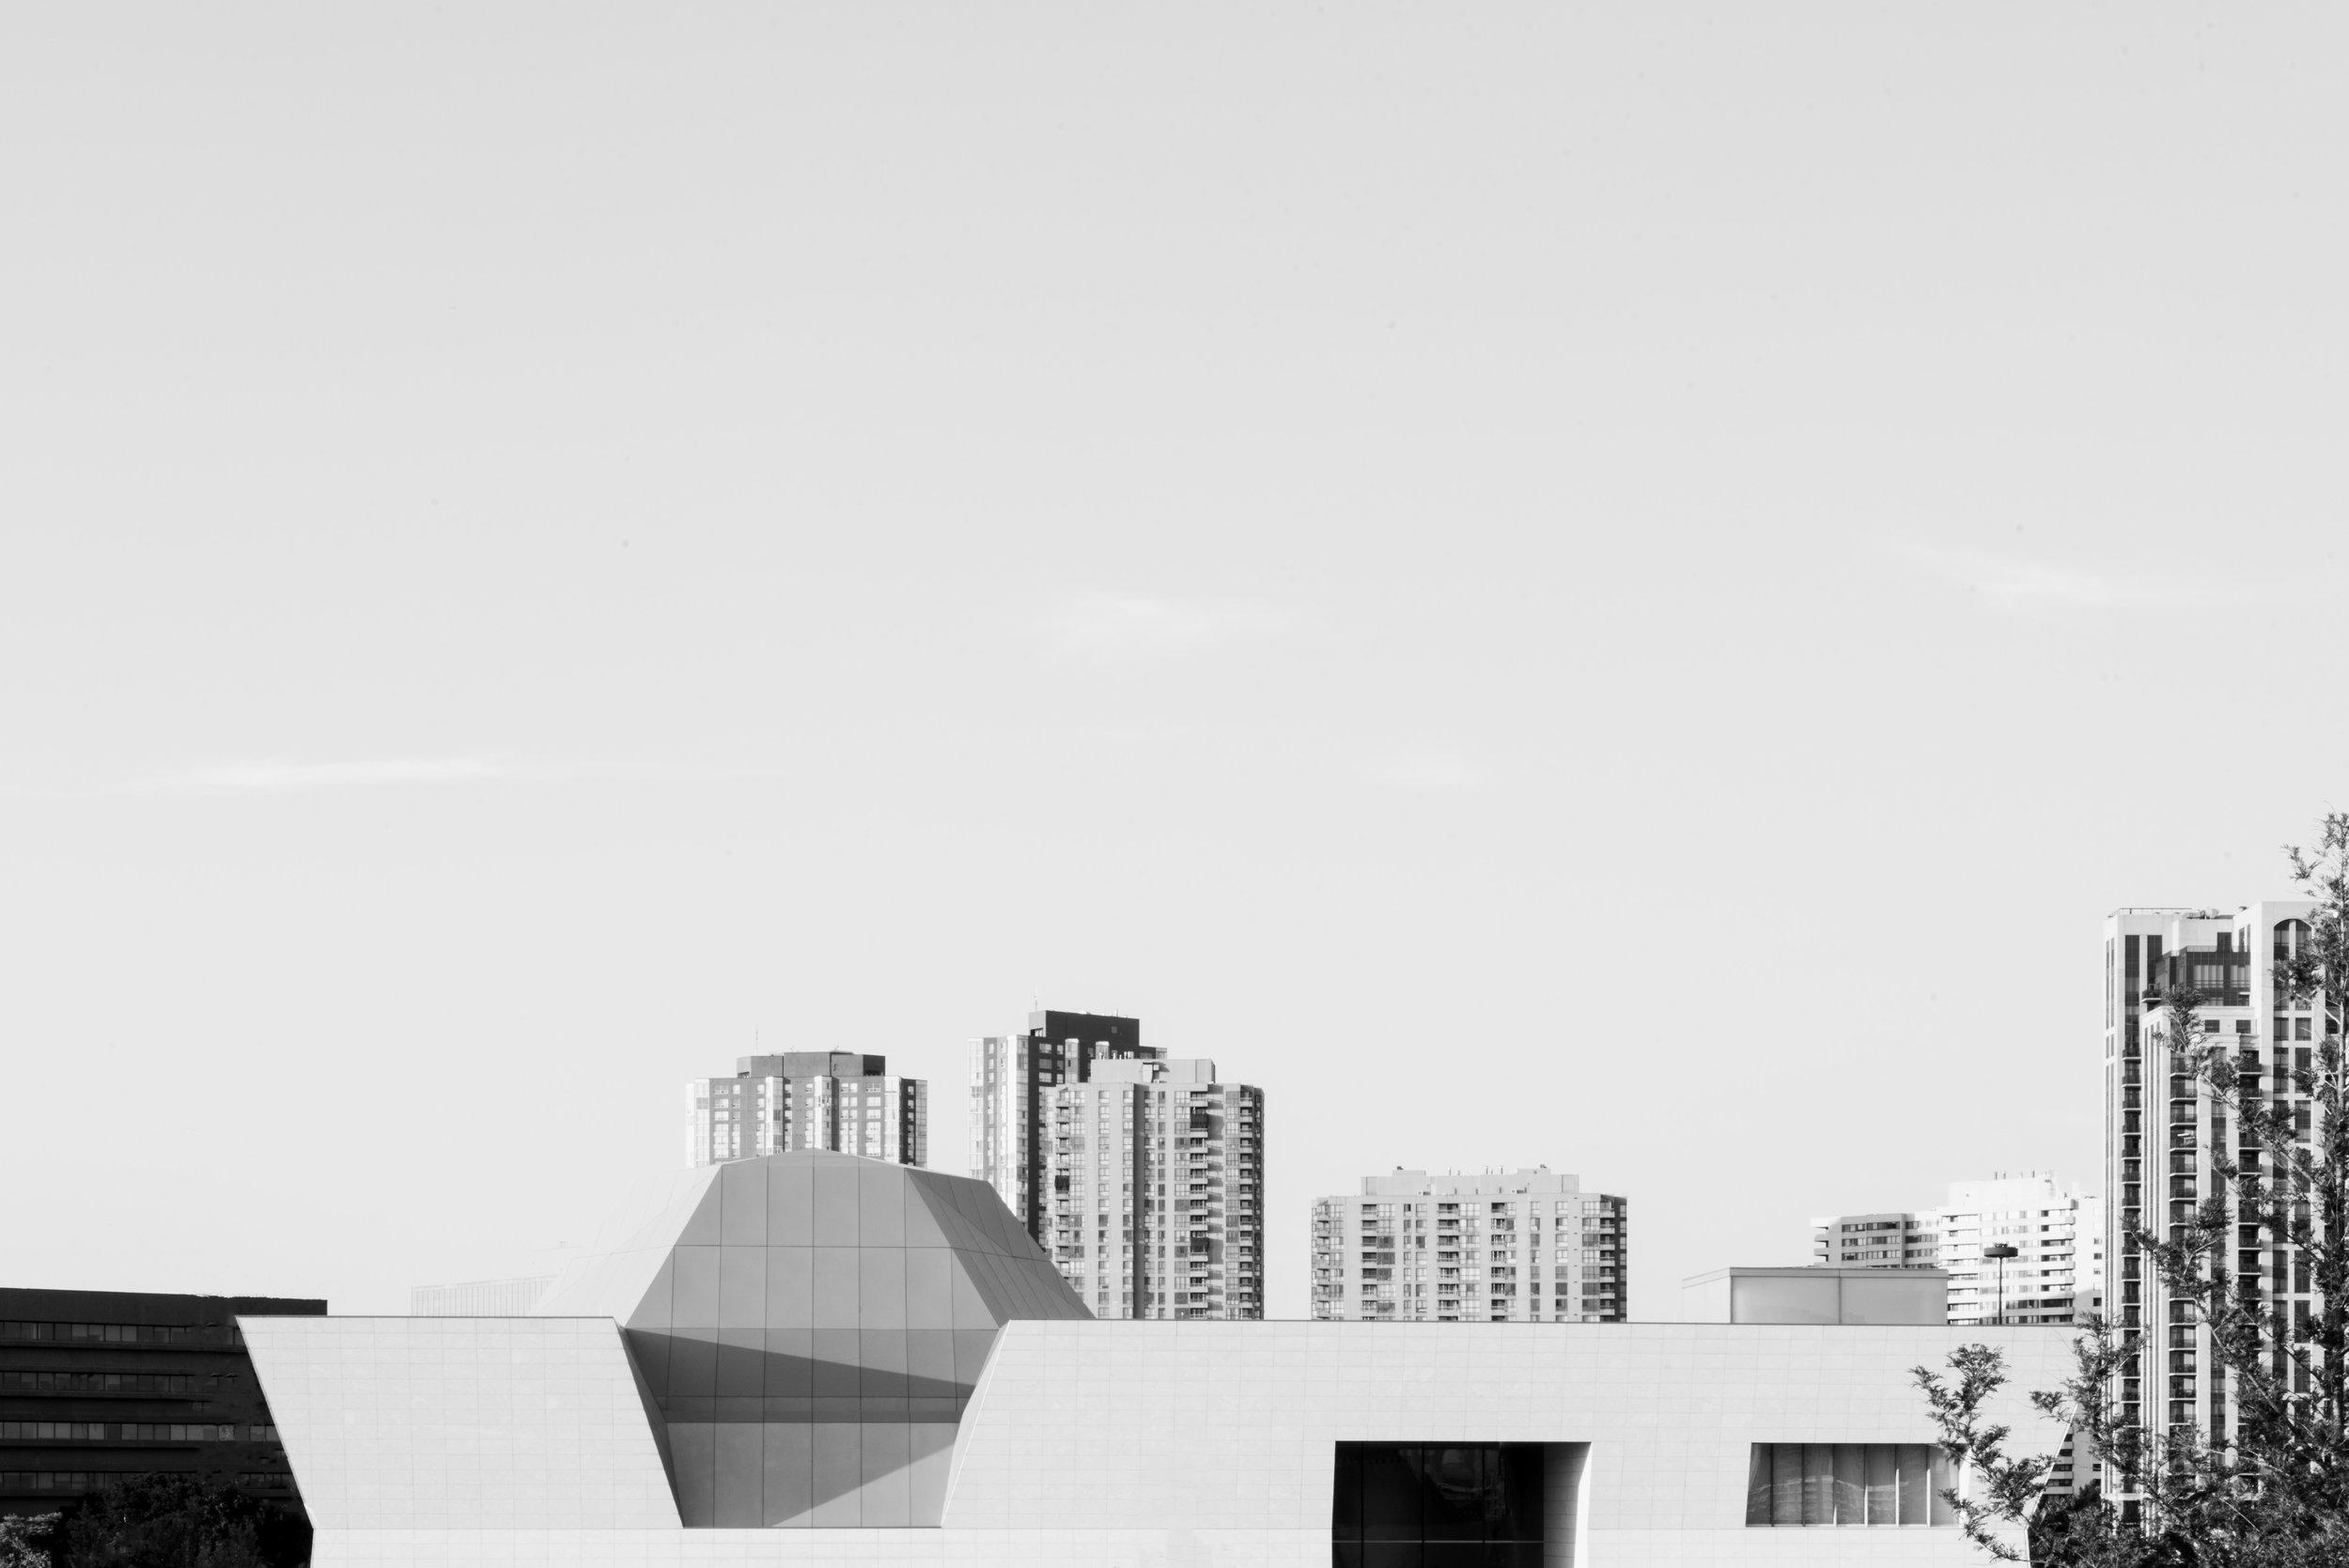 interiorportfolio-67.jpg